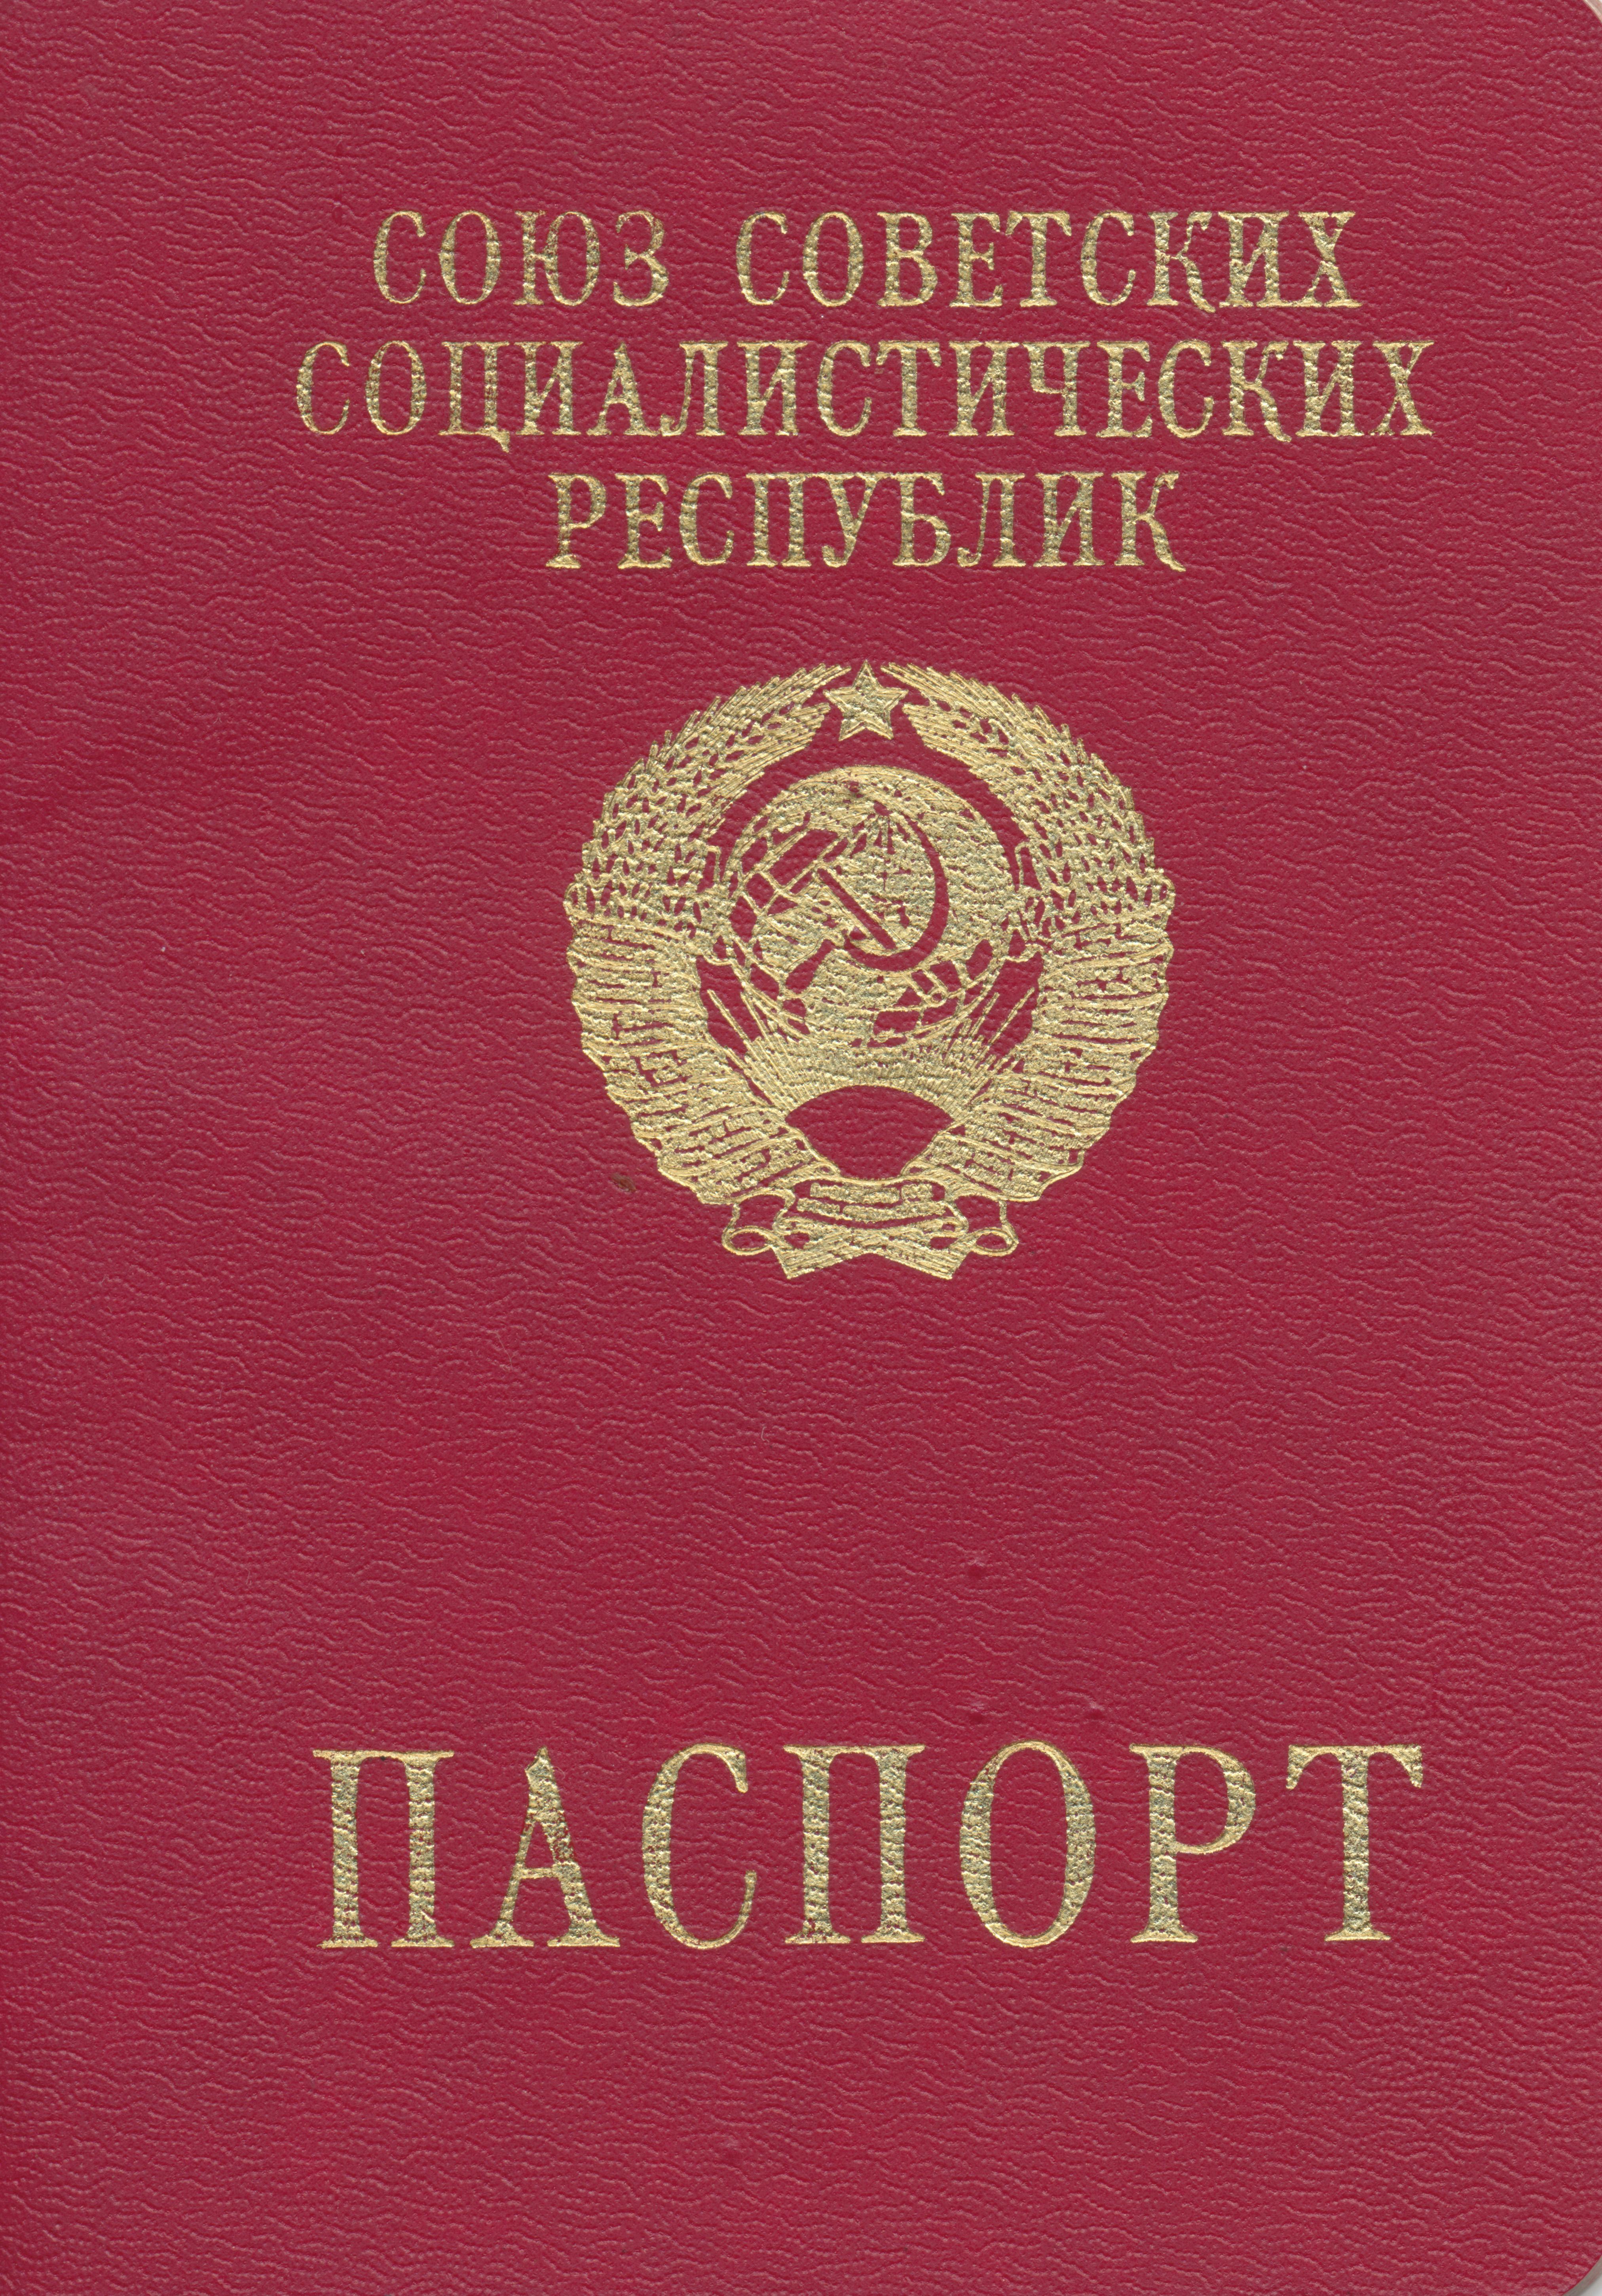 Soviet Union passport - Wikipedia